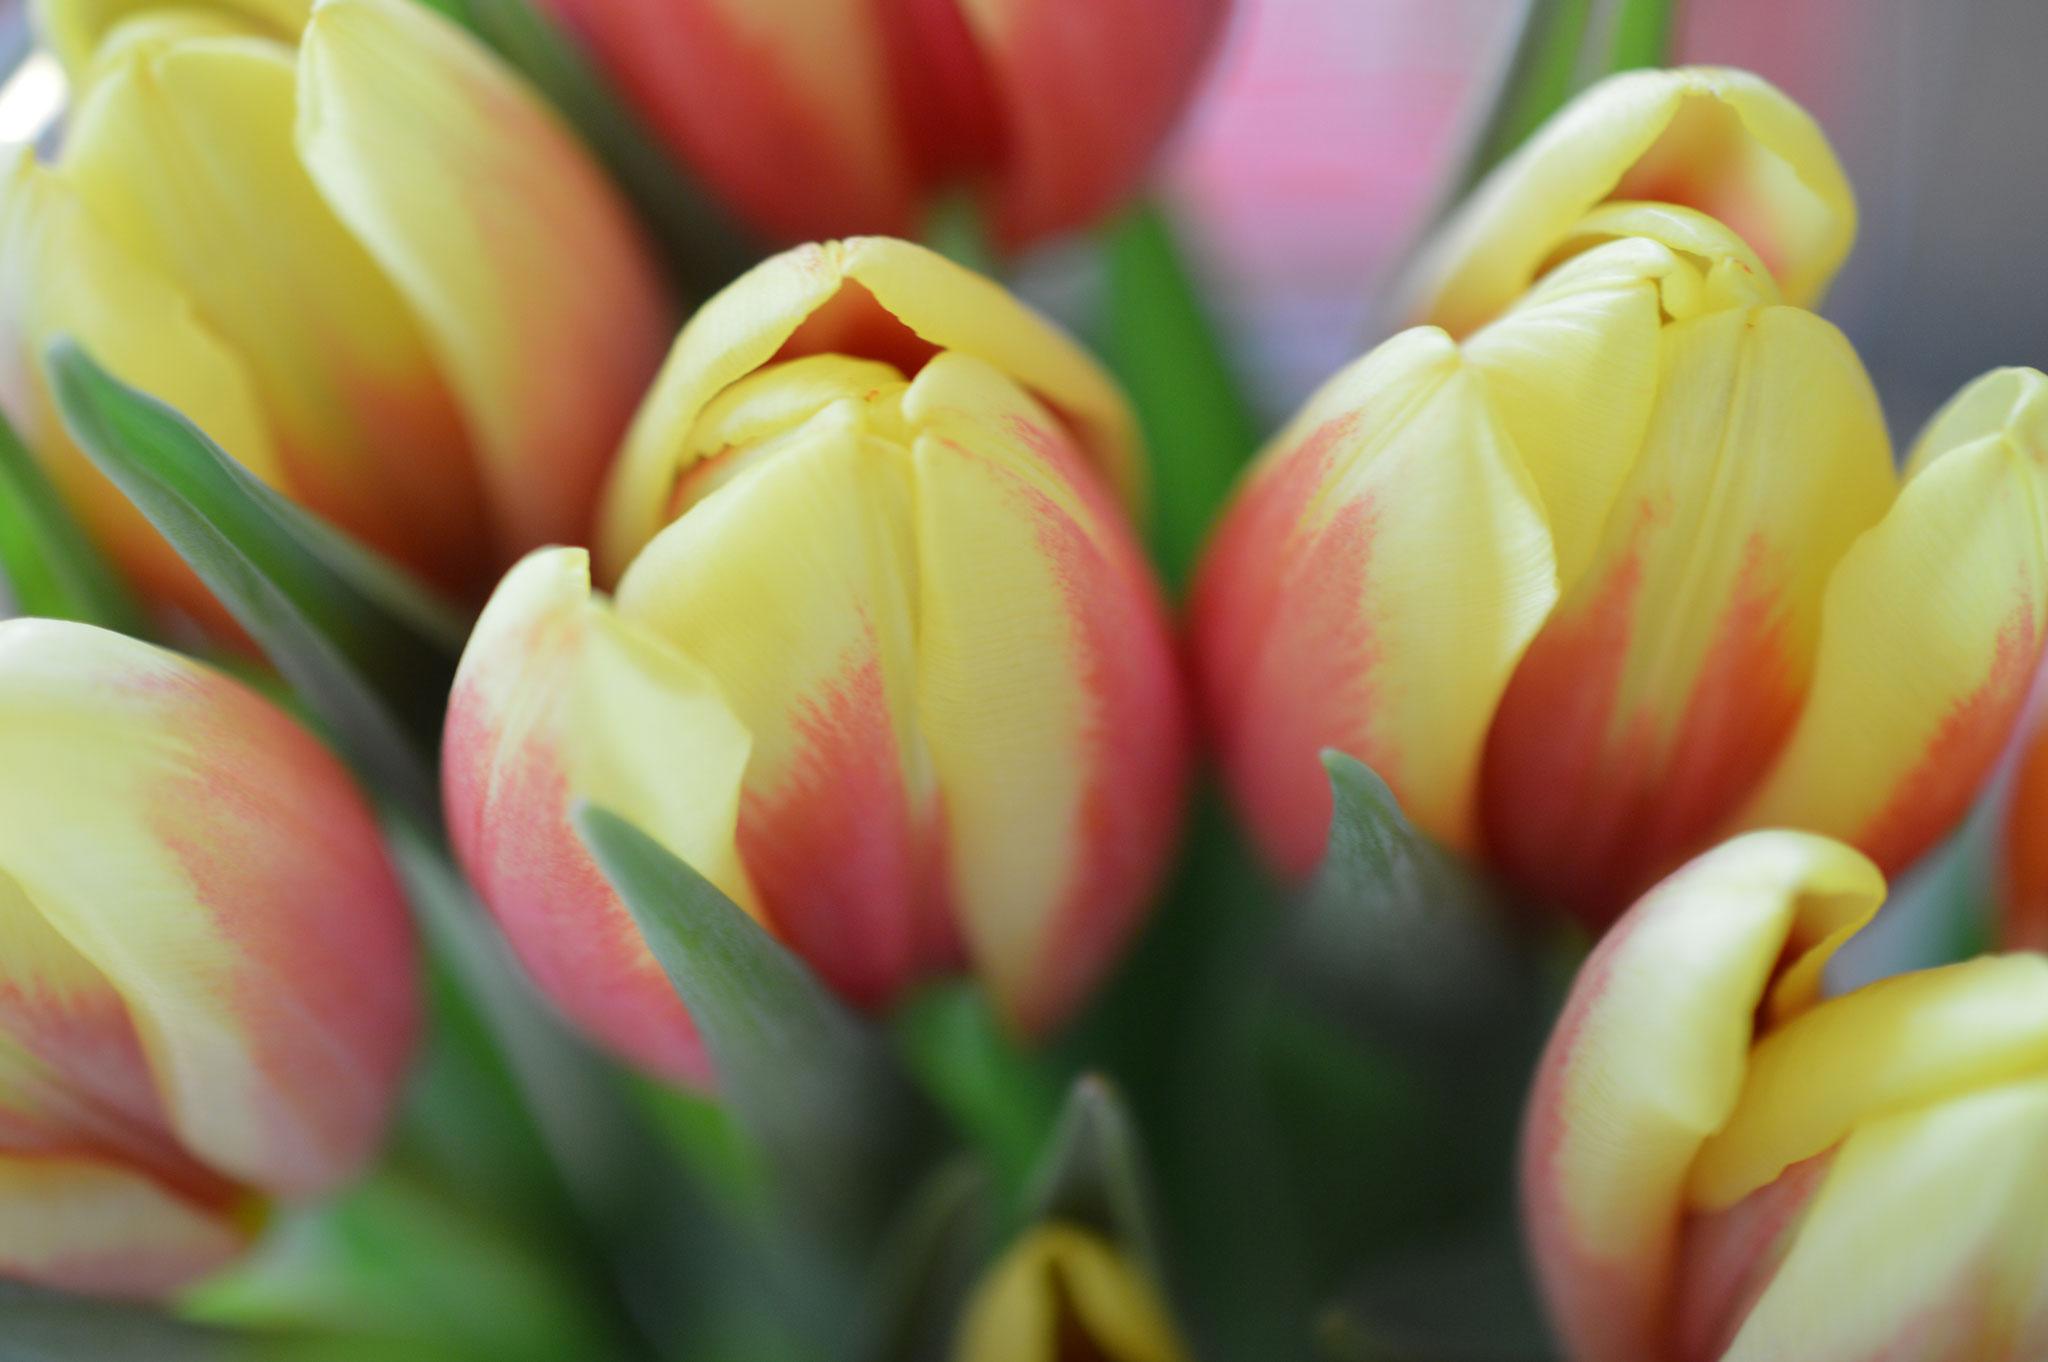 Nochmal Frühling - auch wieder schöne rote-gelbe Tulpen